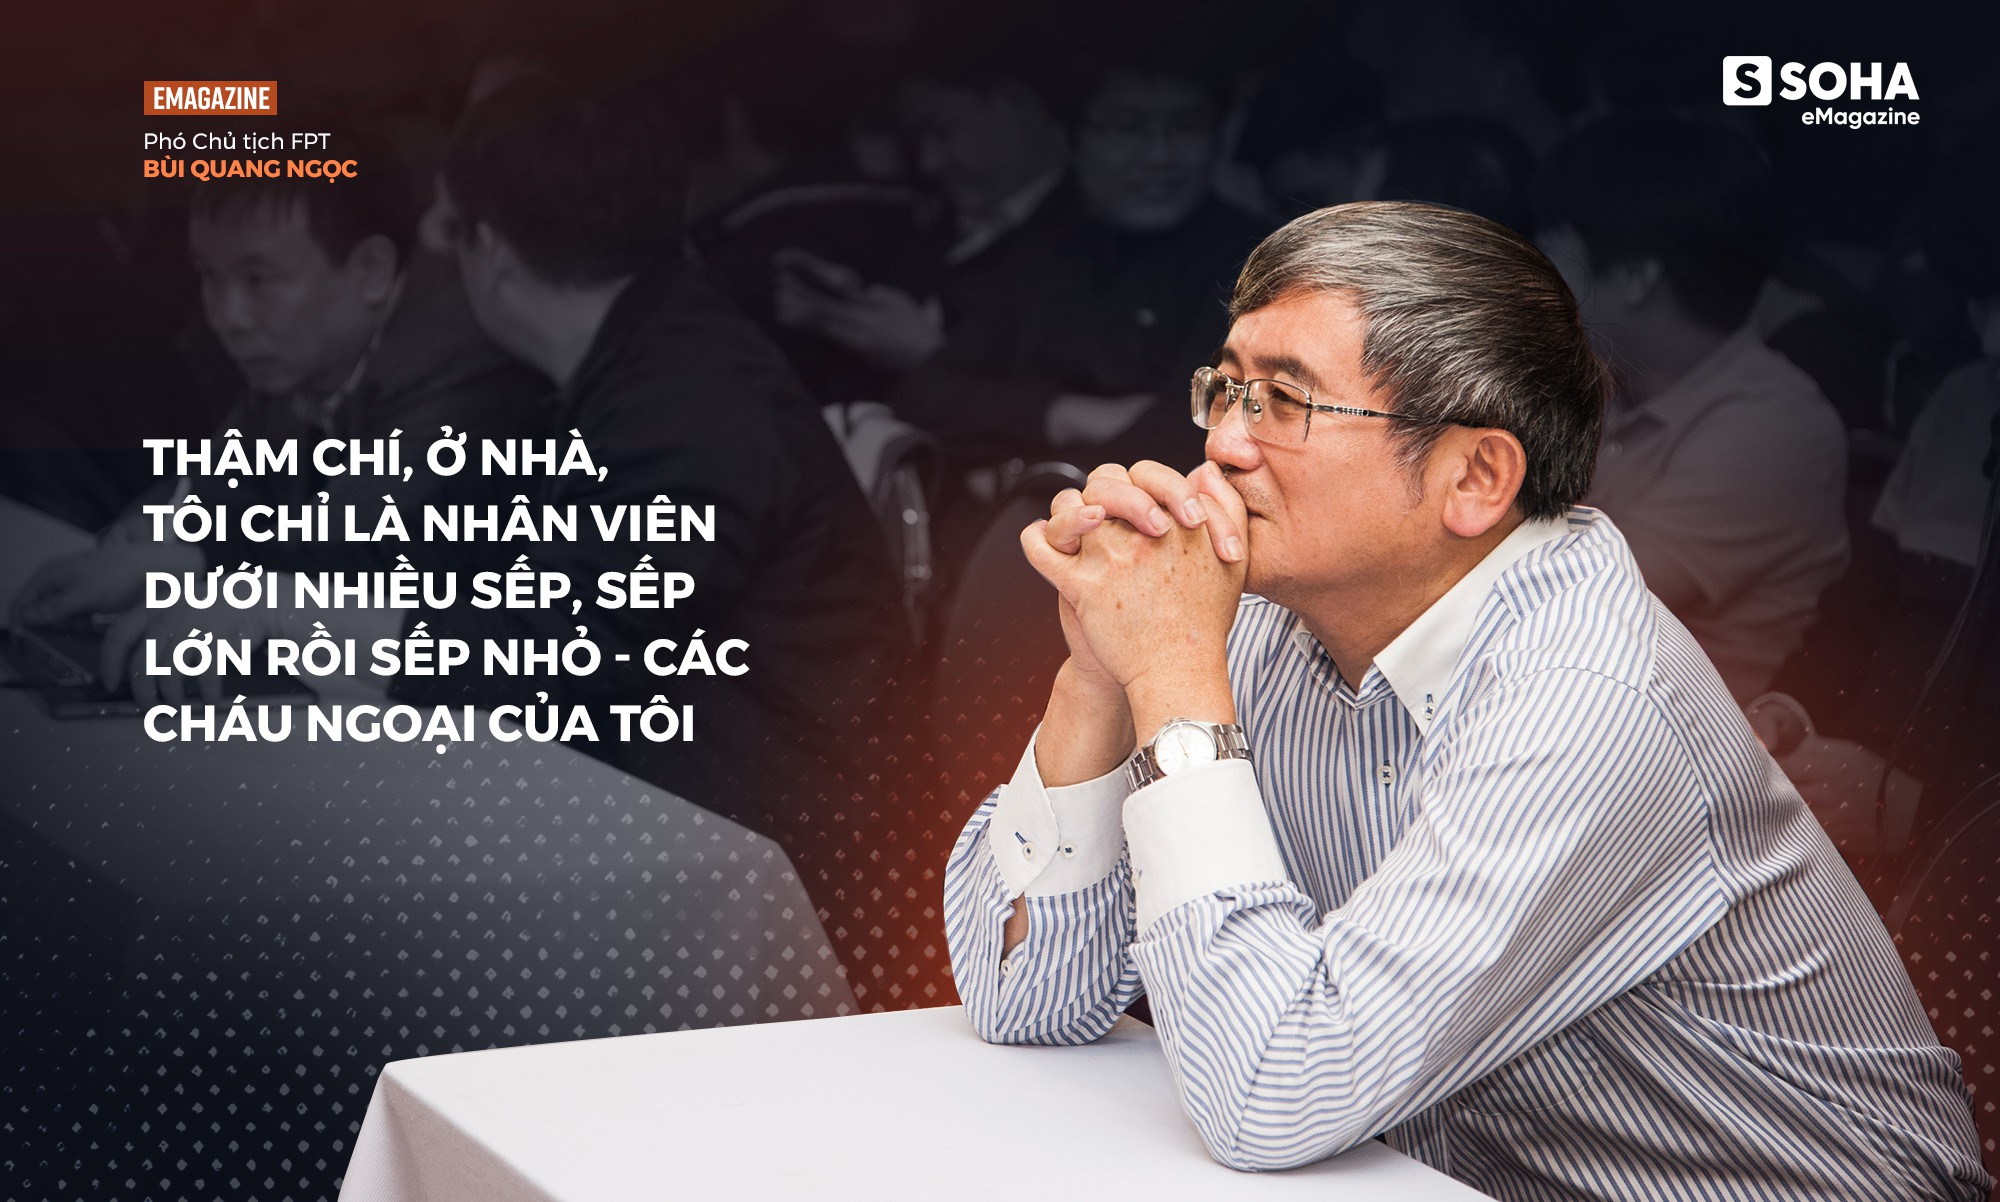 Phó chủ tịch FPT Bùi Quang Ngọc: Tôi chưa thấy người đàn ông nào mà tôi quen biết lại không sợ vợ - Ảnh 21.